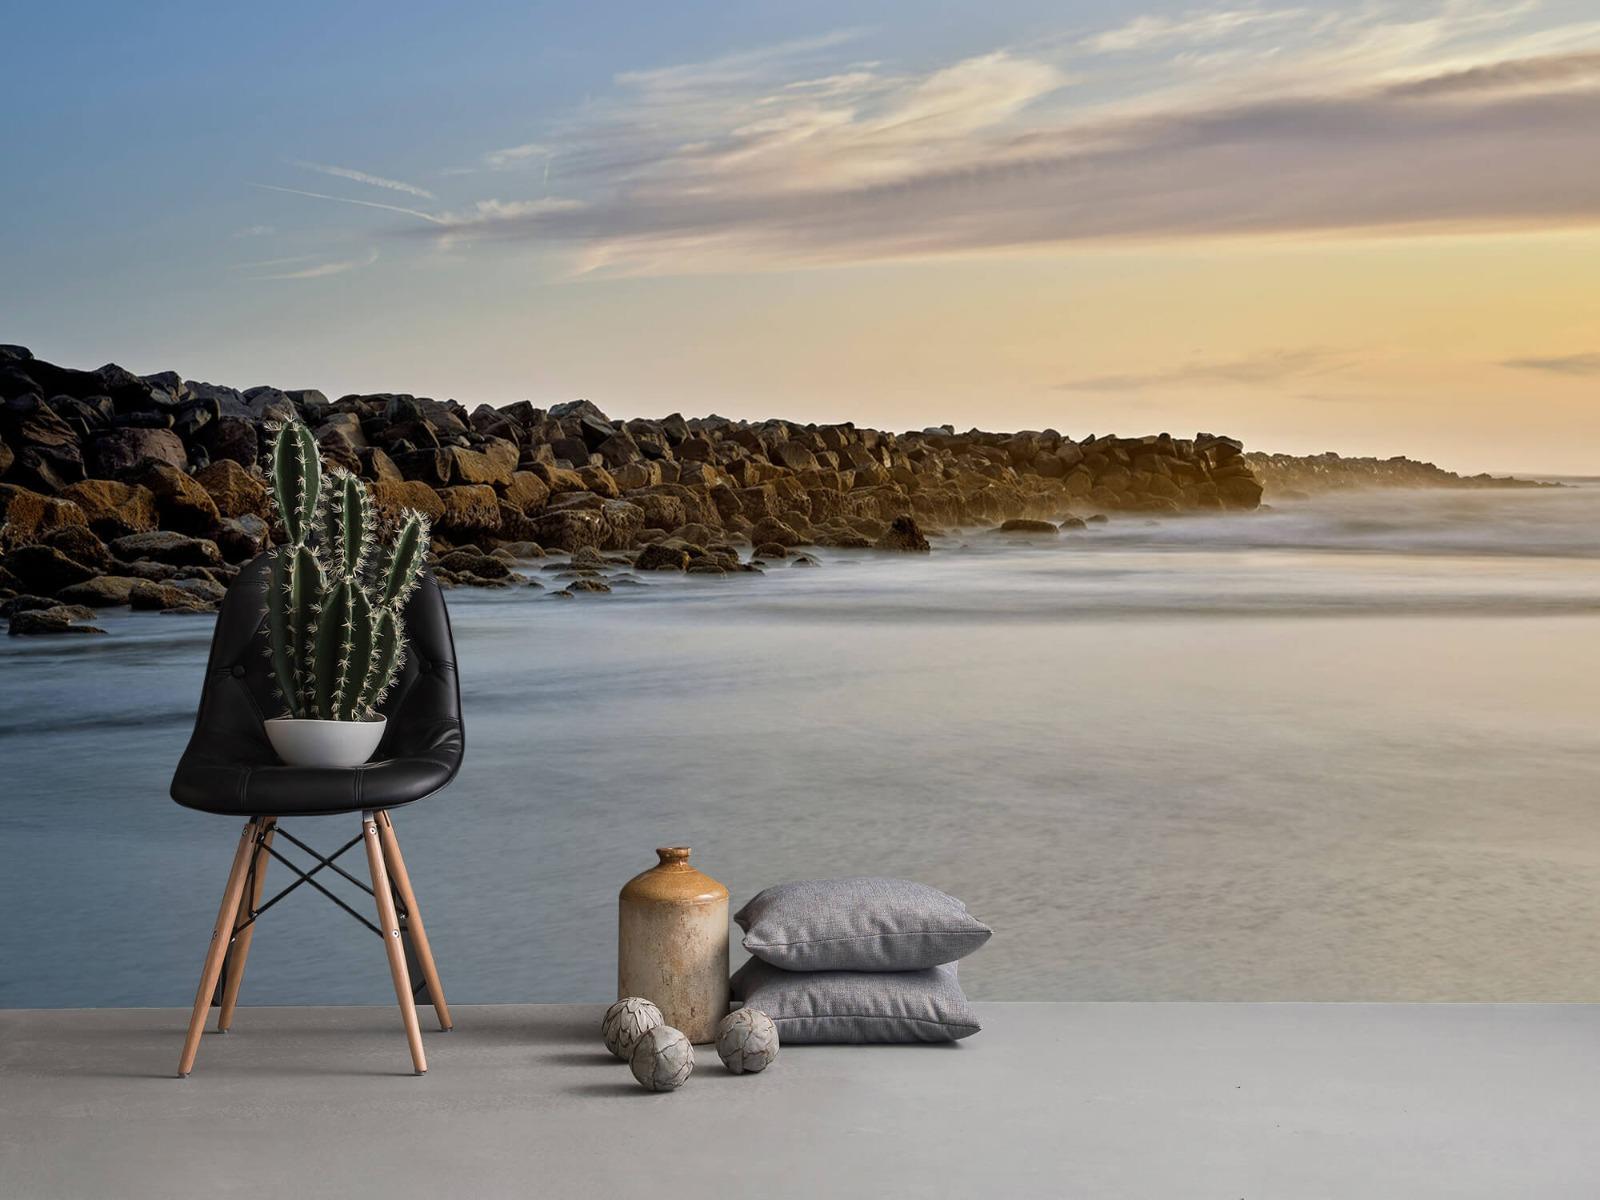 Landschap - Grote stenen aan het strand - Slaapkamer 13